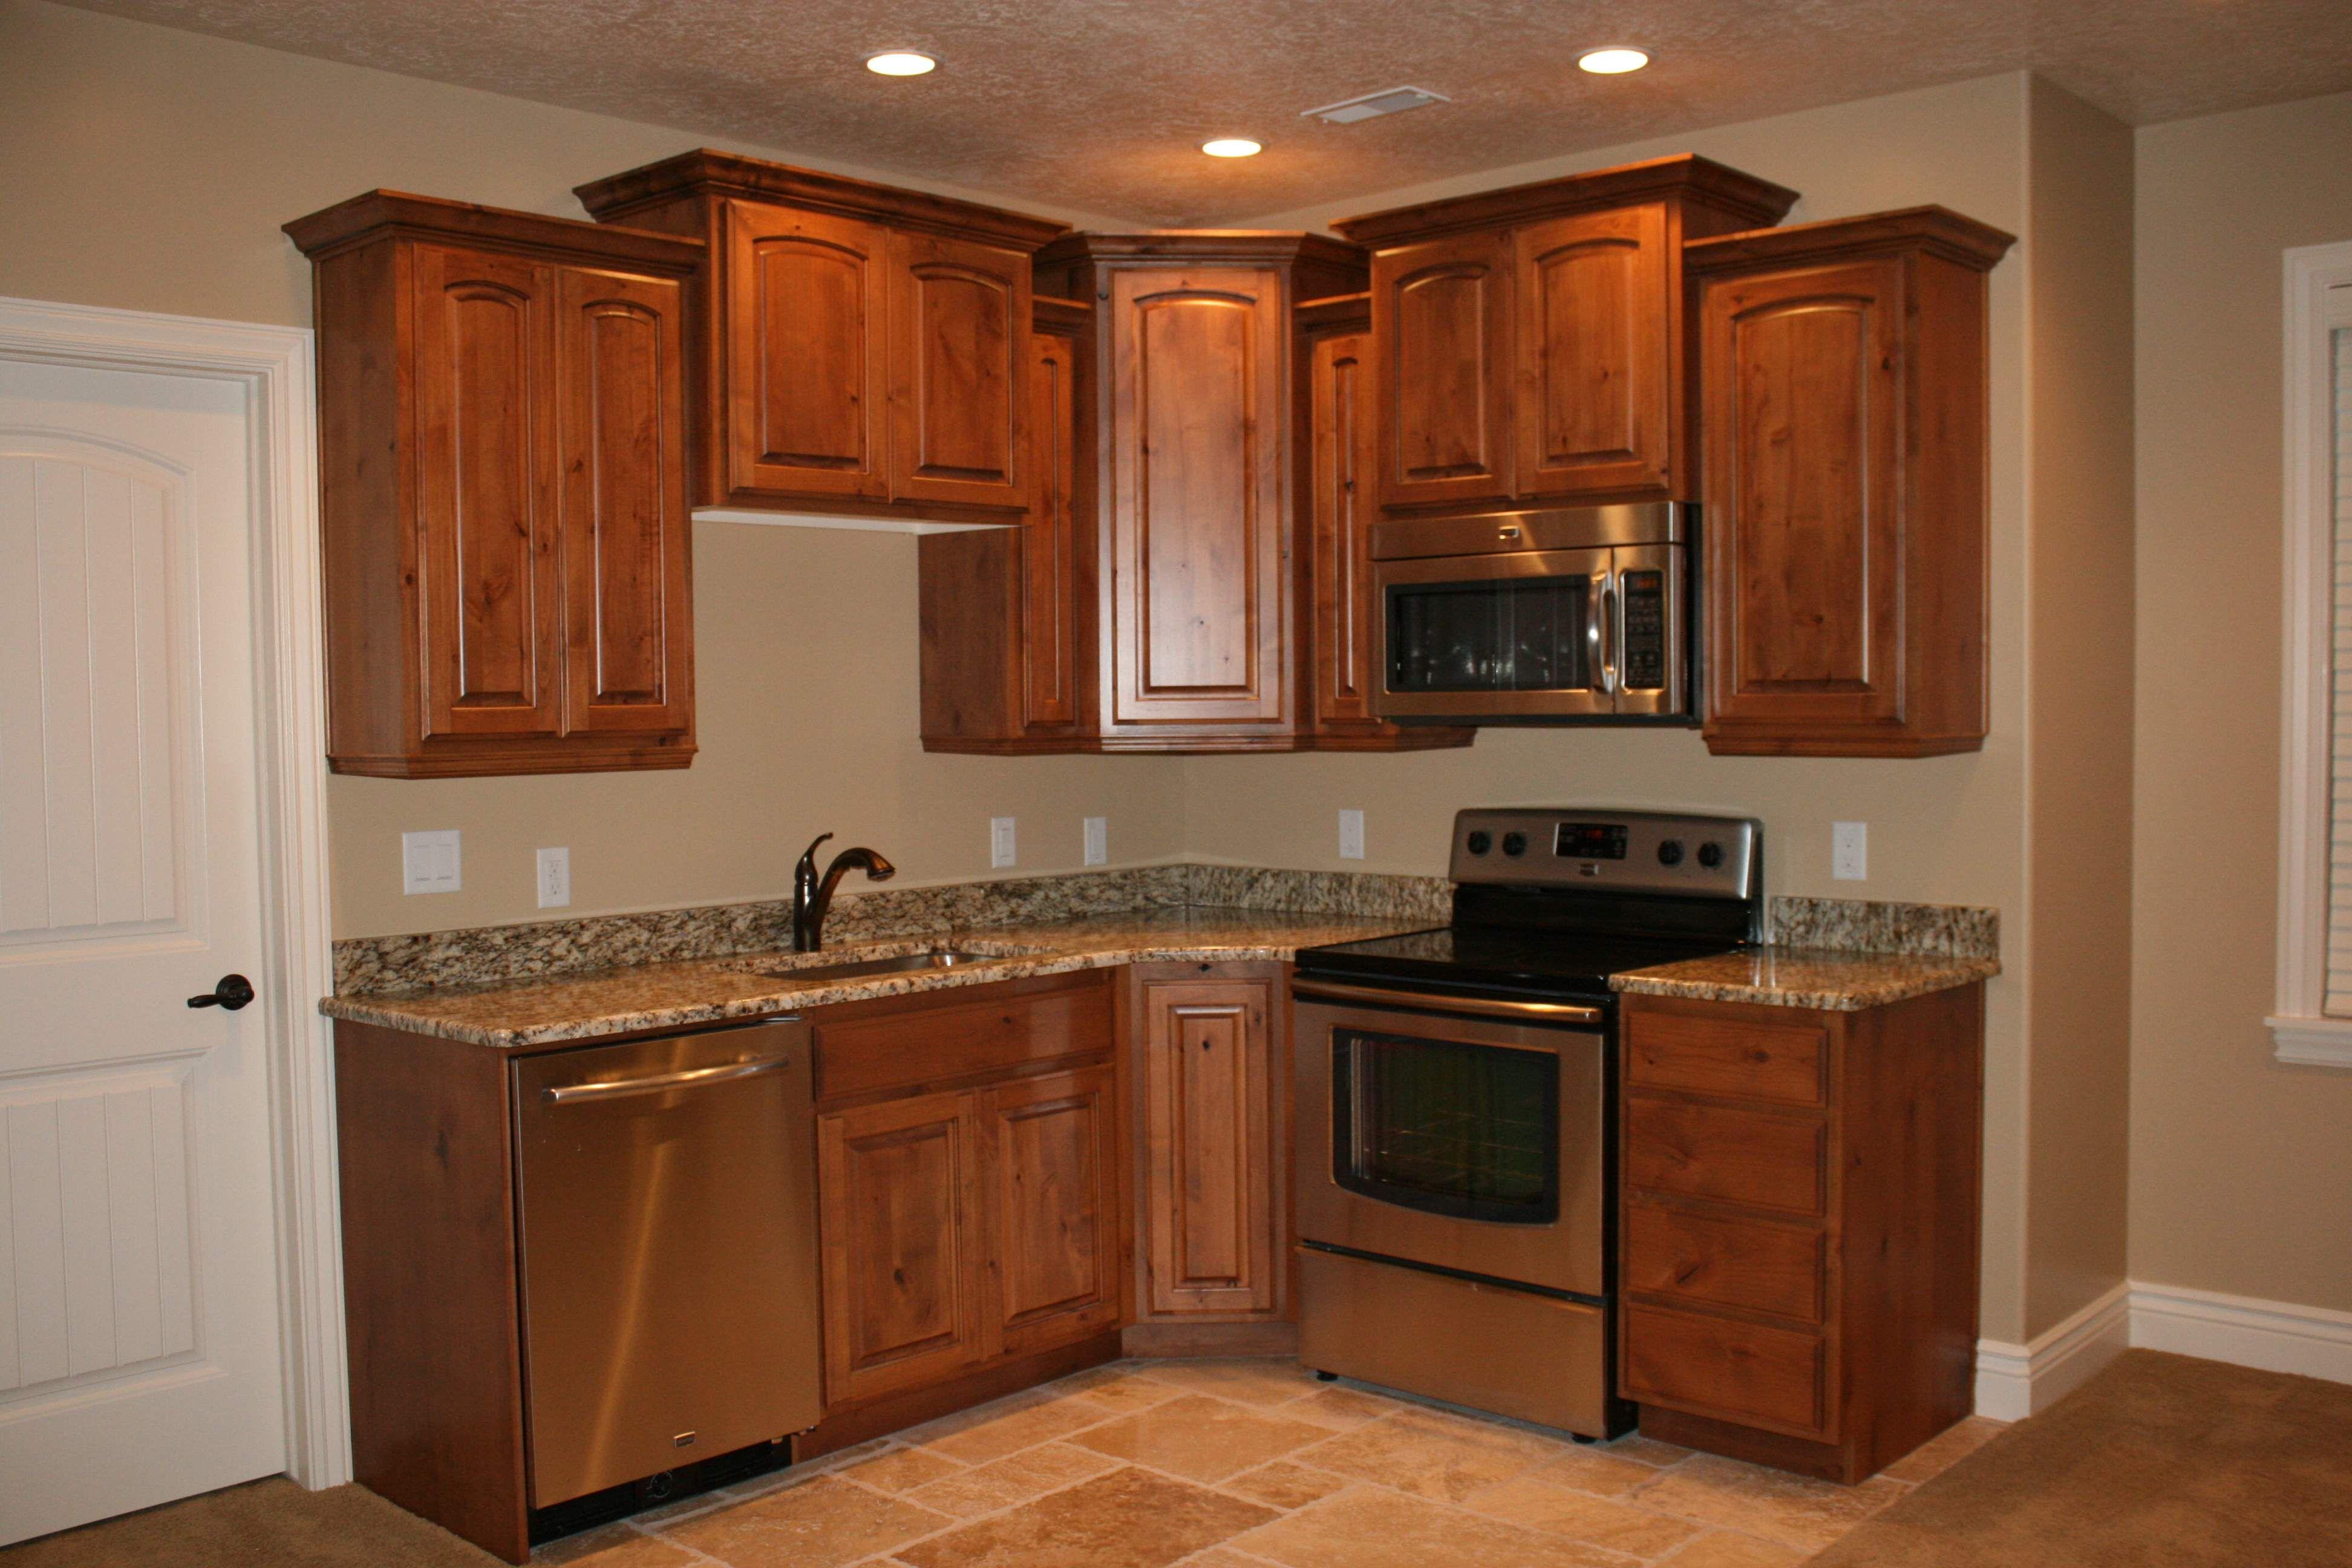 no backsplash   Basement kitchen, Small basement kitchen ...